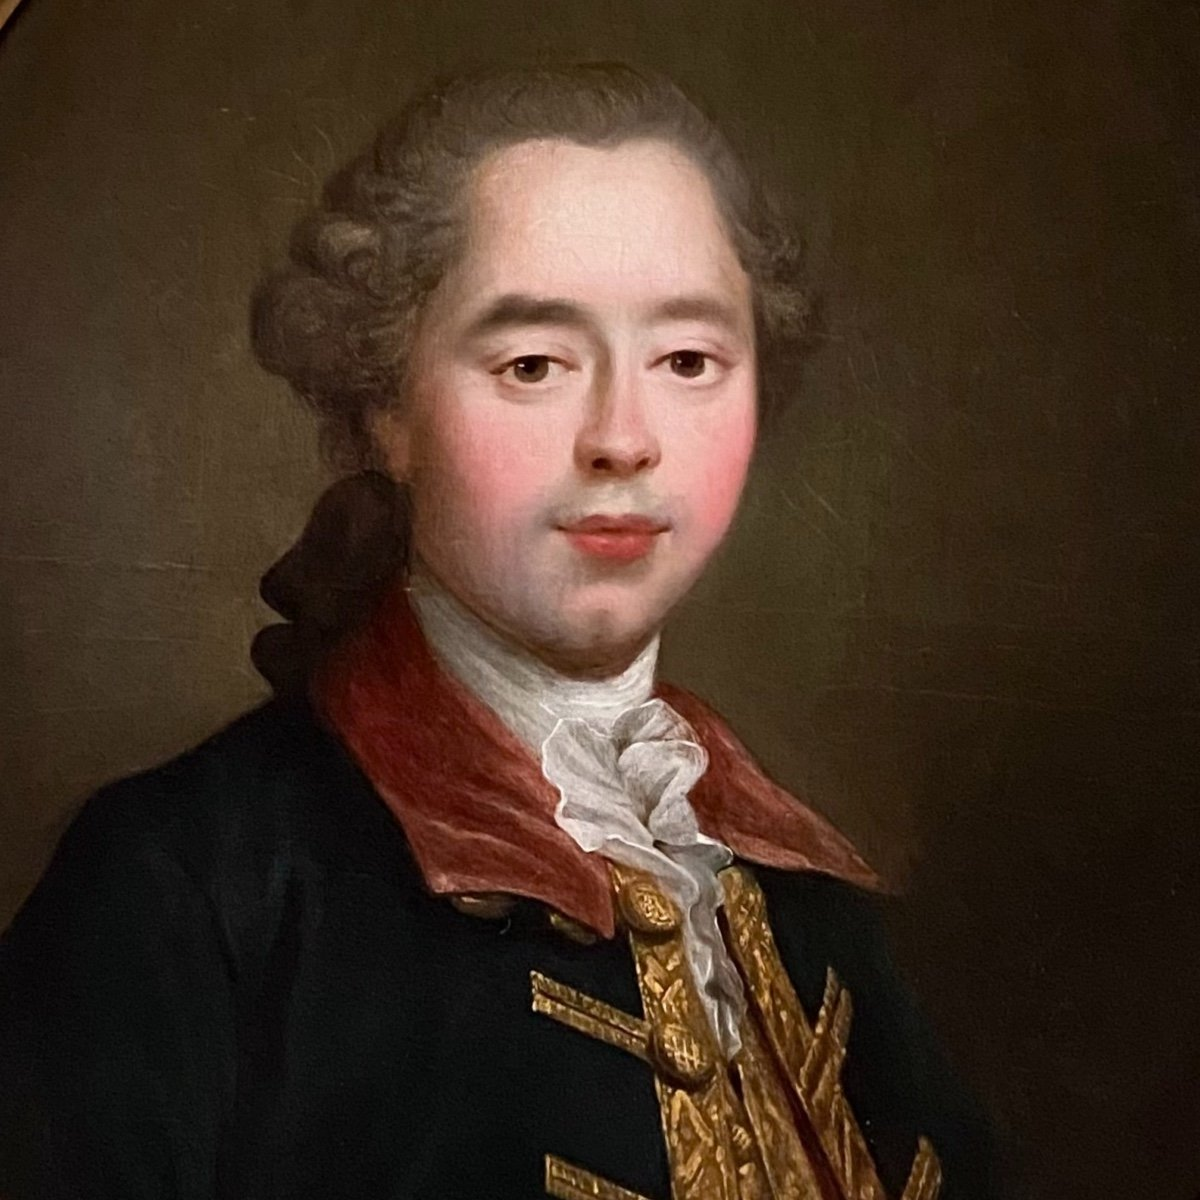 Homme de qualité en habit  de chasse ou d'hiver, époque Louis XVI, XVIIIe-photo-1